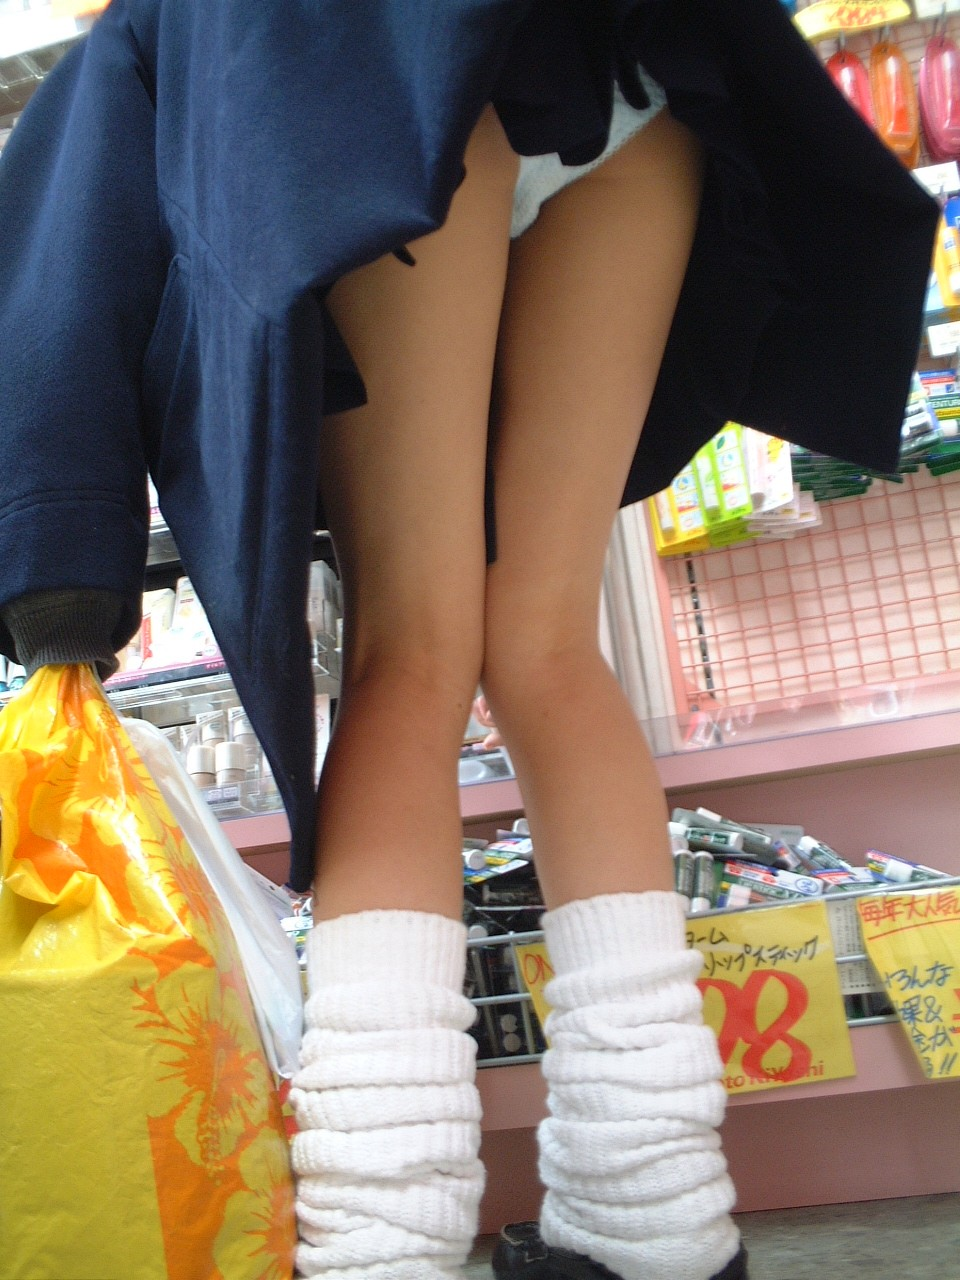 【JKパンチラ画像】短いスカートで無自覚に挑発してくるJKのパンチラ画像 06